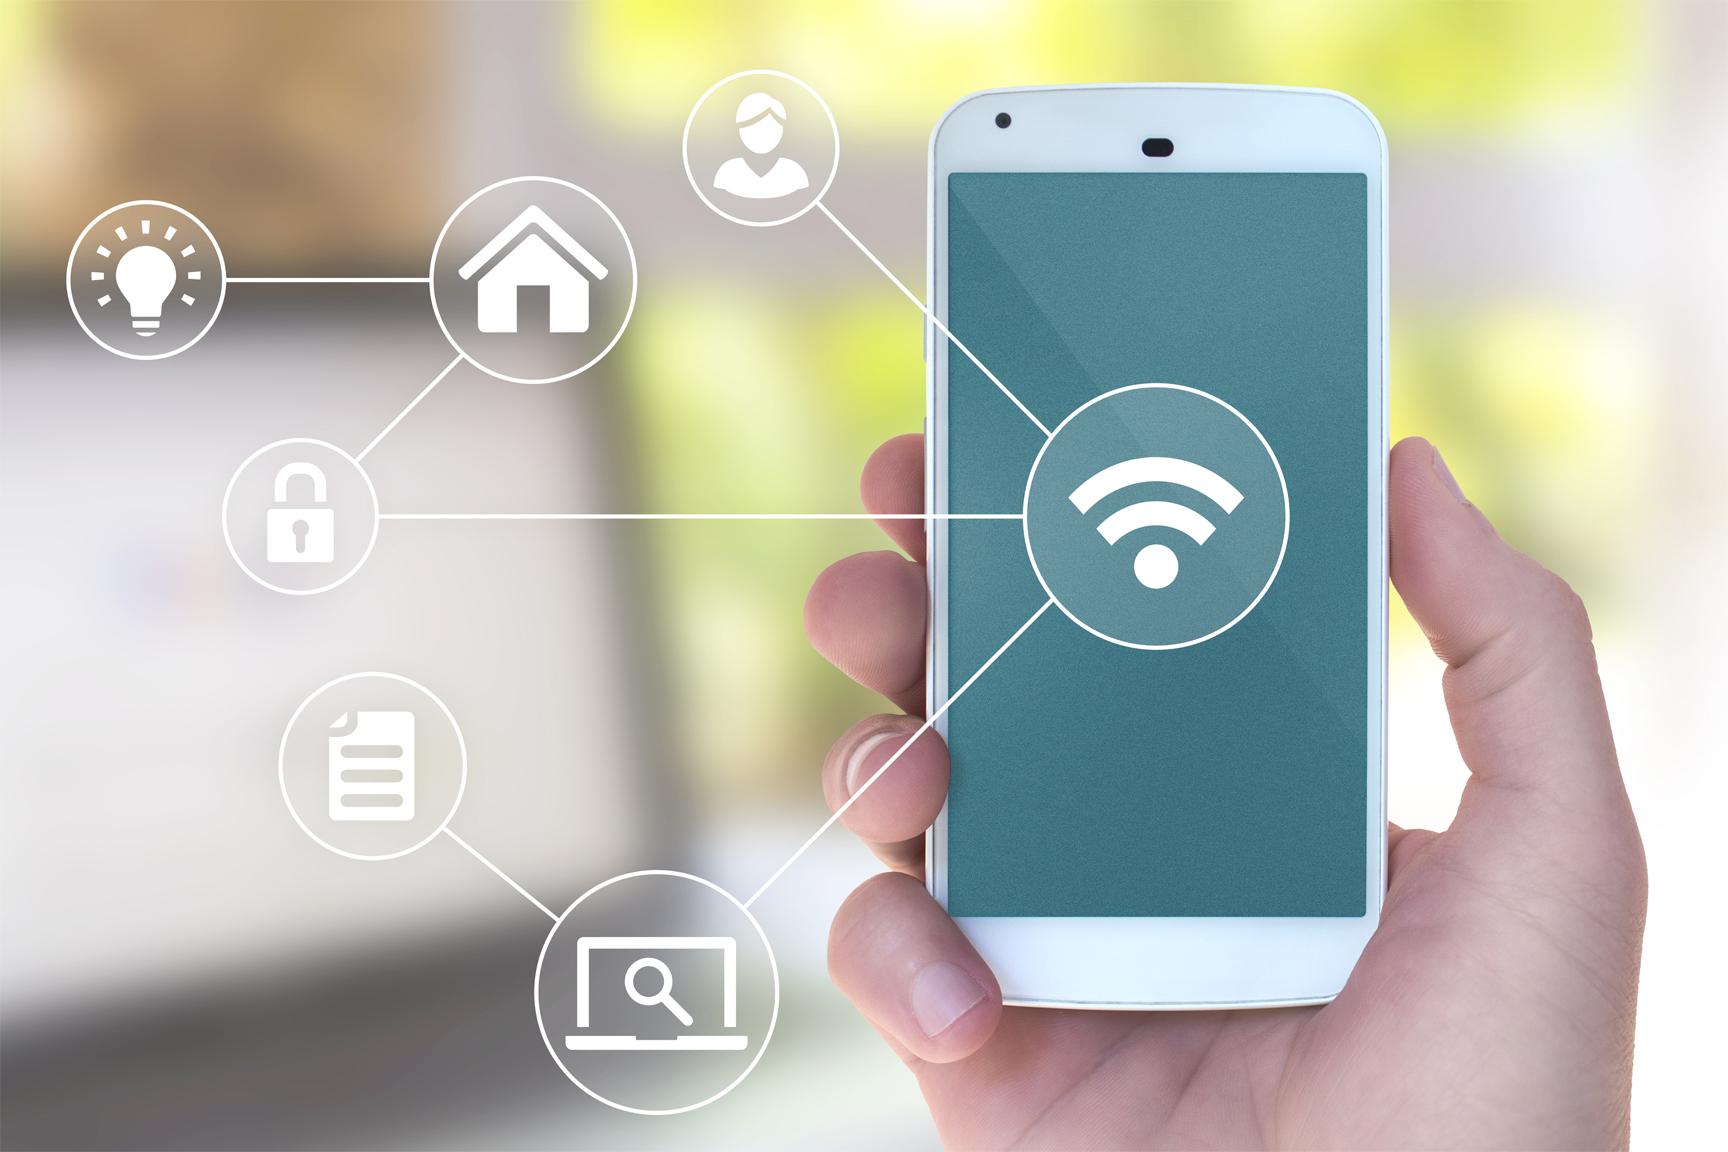 Cómo reconocer los dispositivos compatibles con WiFi 6